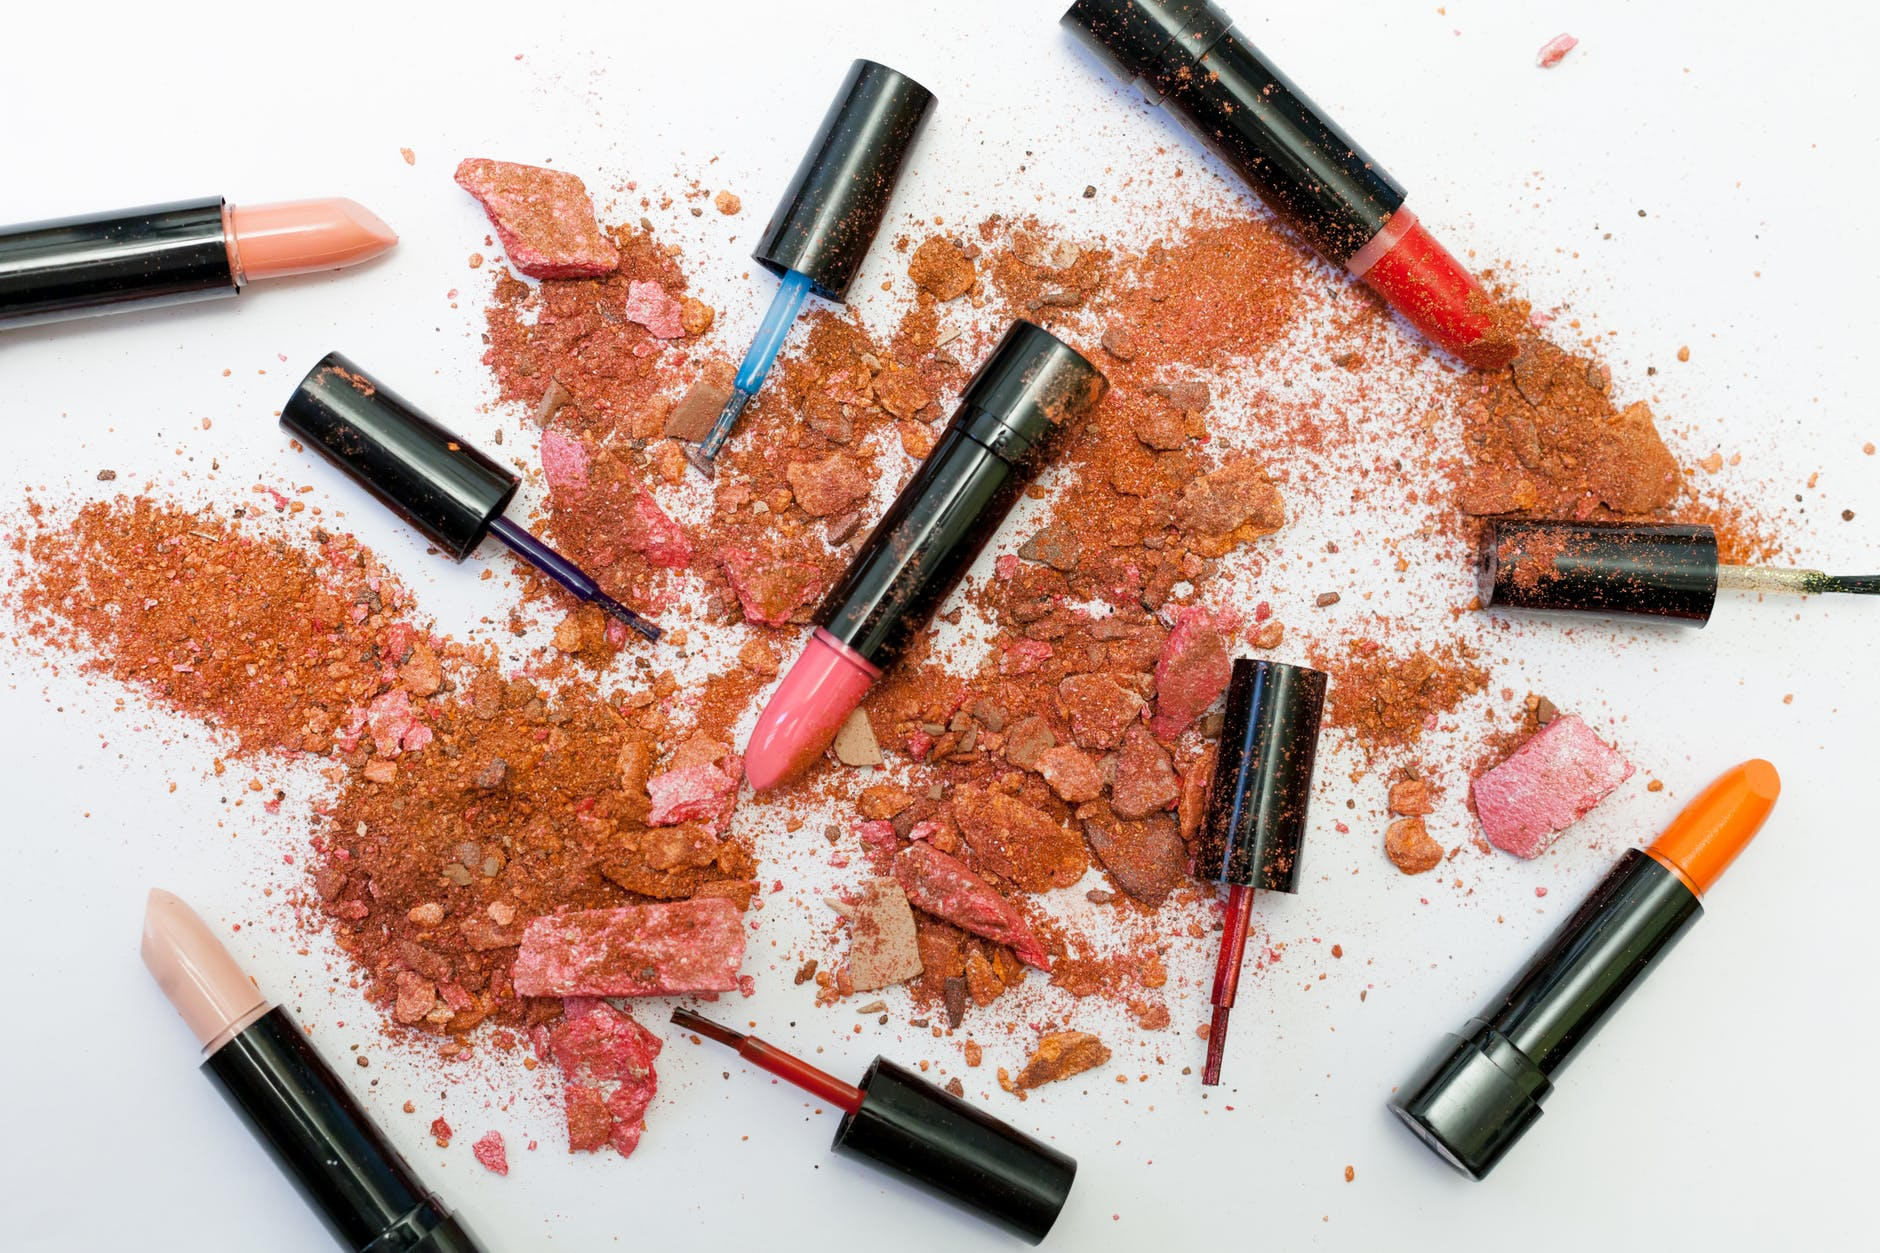 assorted cololr lipsticks